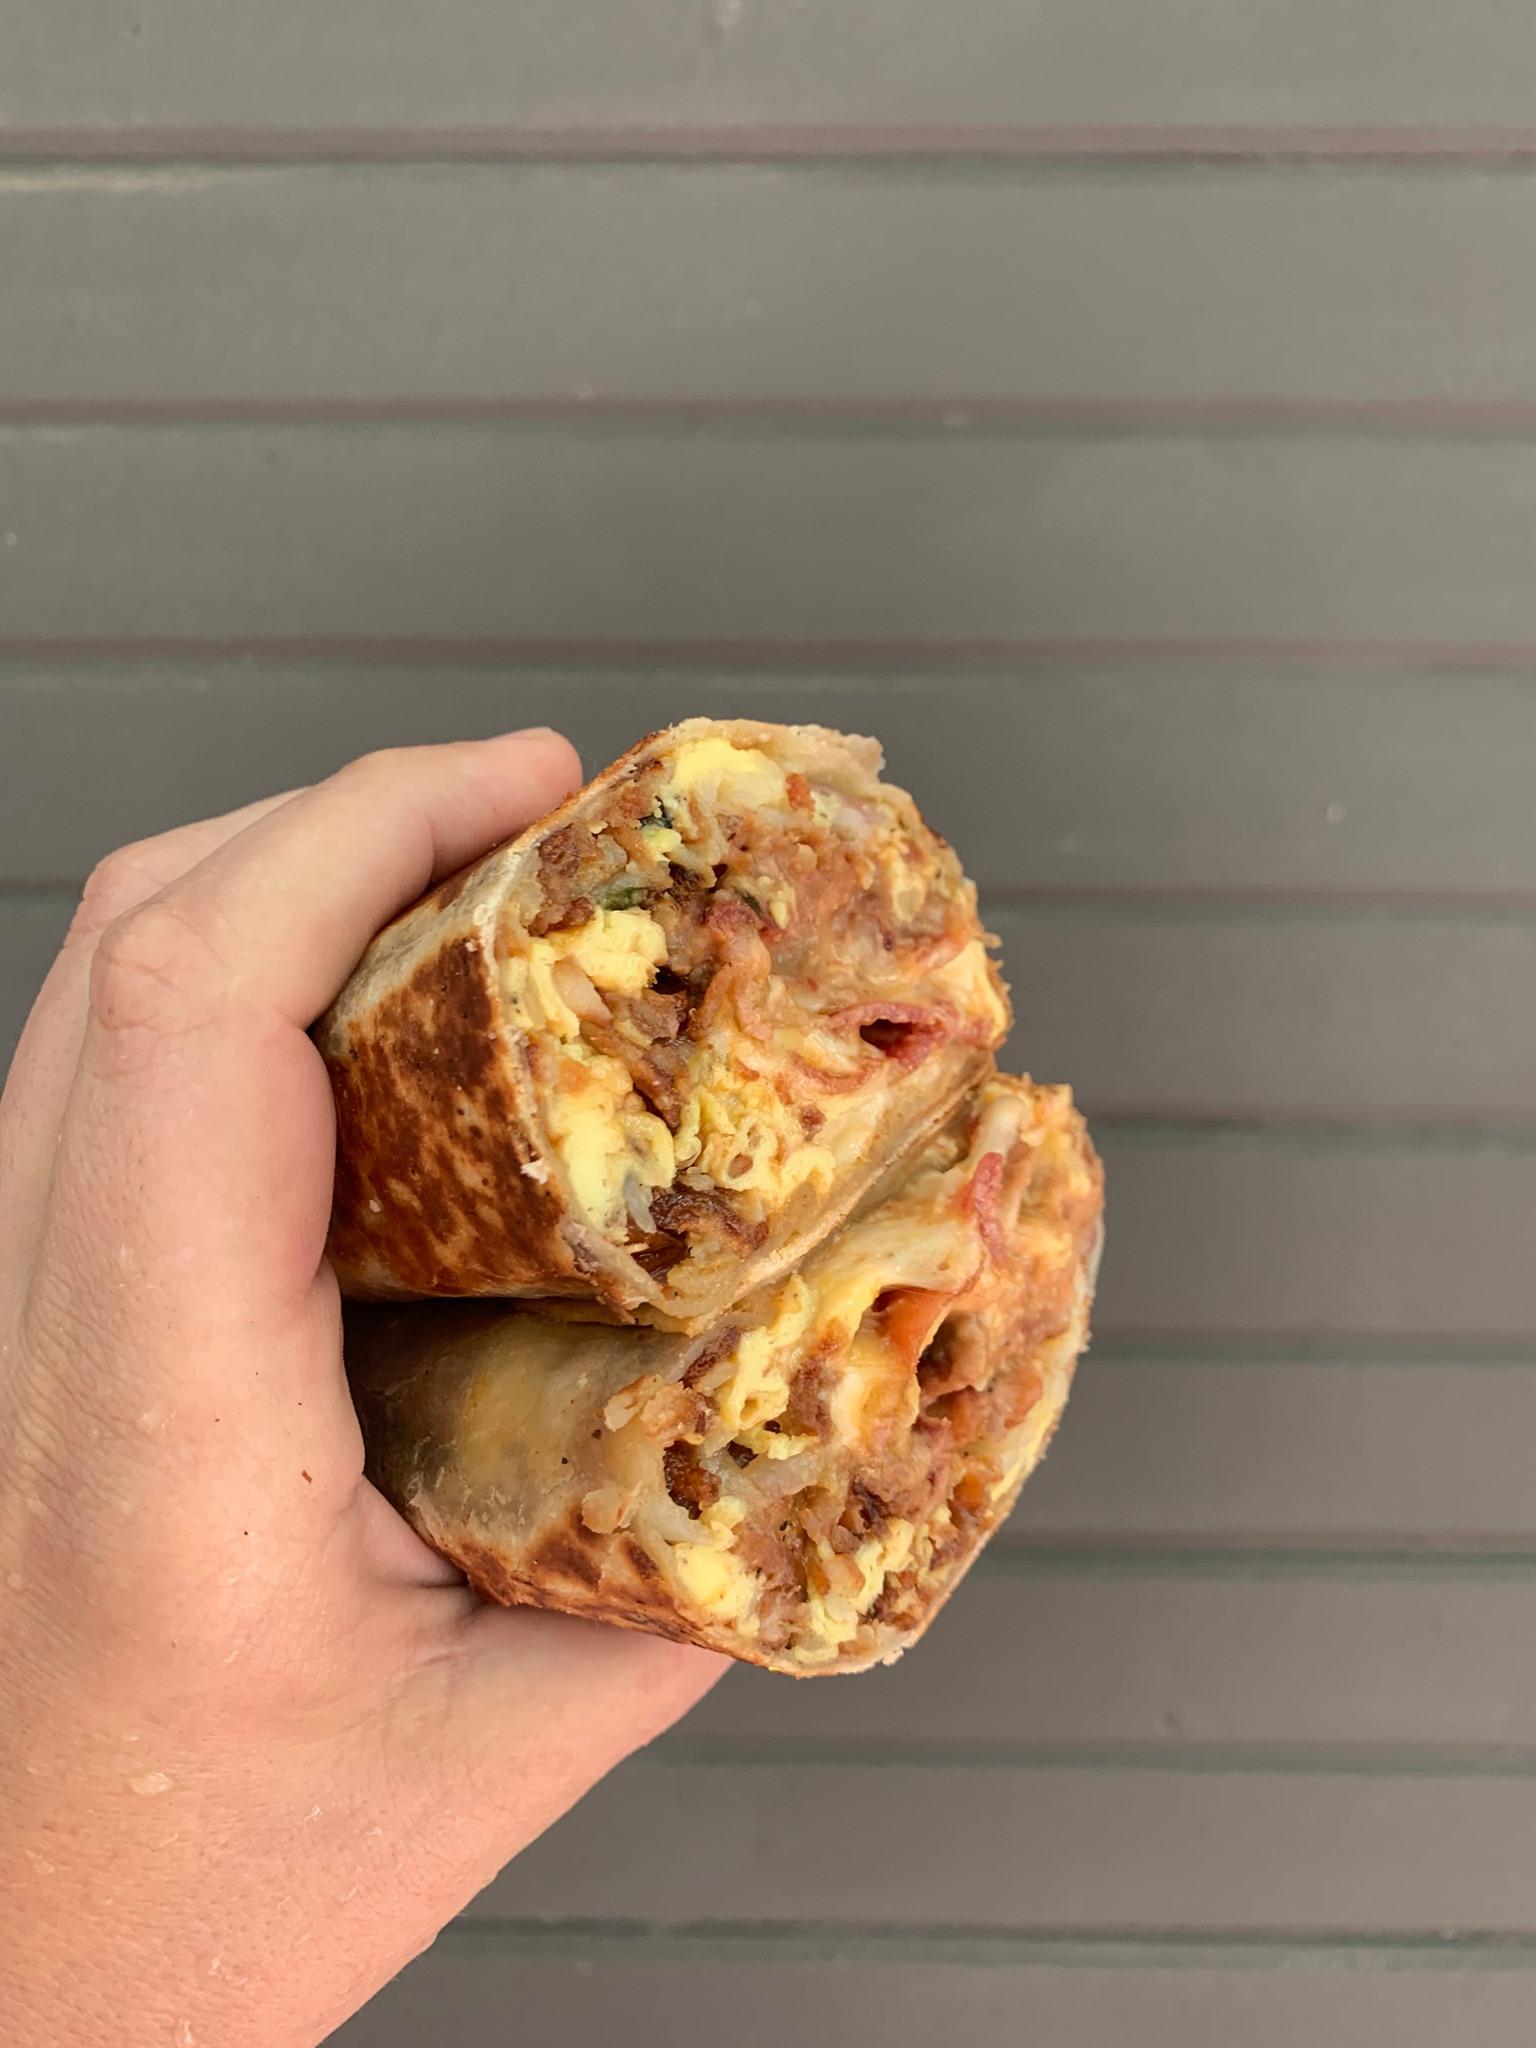 A burrito from Bummer Burrito